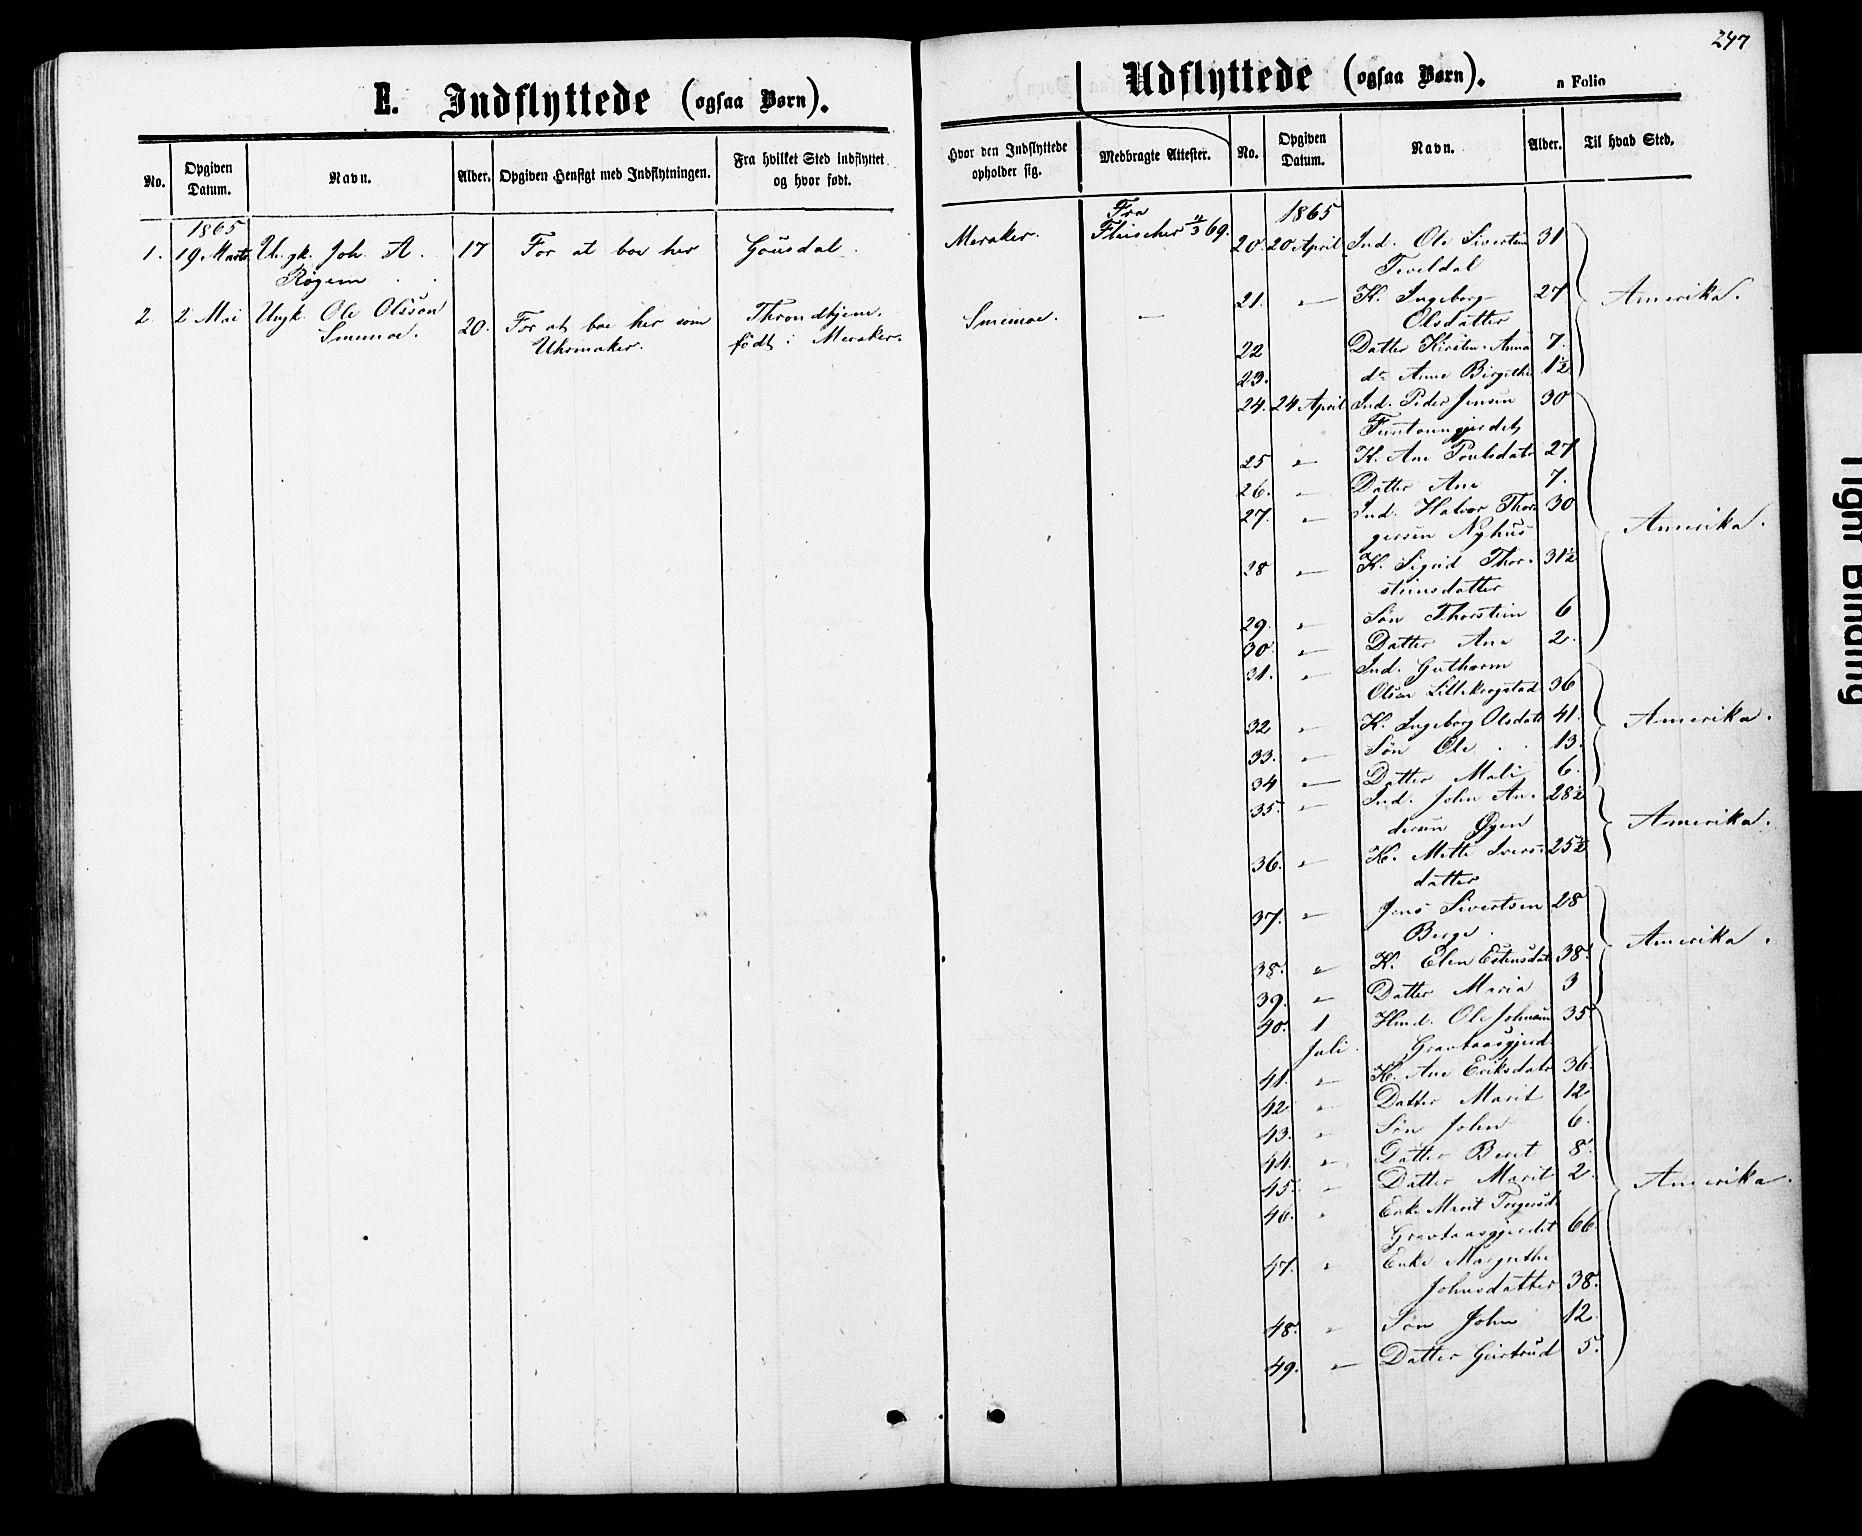 SAT, Ministerialprotokoller, klokkerbøker og fødselsregistre - Nord-Trøndelag, 706/L0049: Klokkerbok nr. 706C01, 1864-1895, s. 247